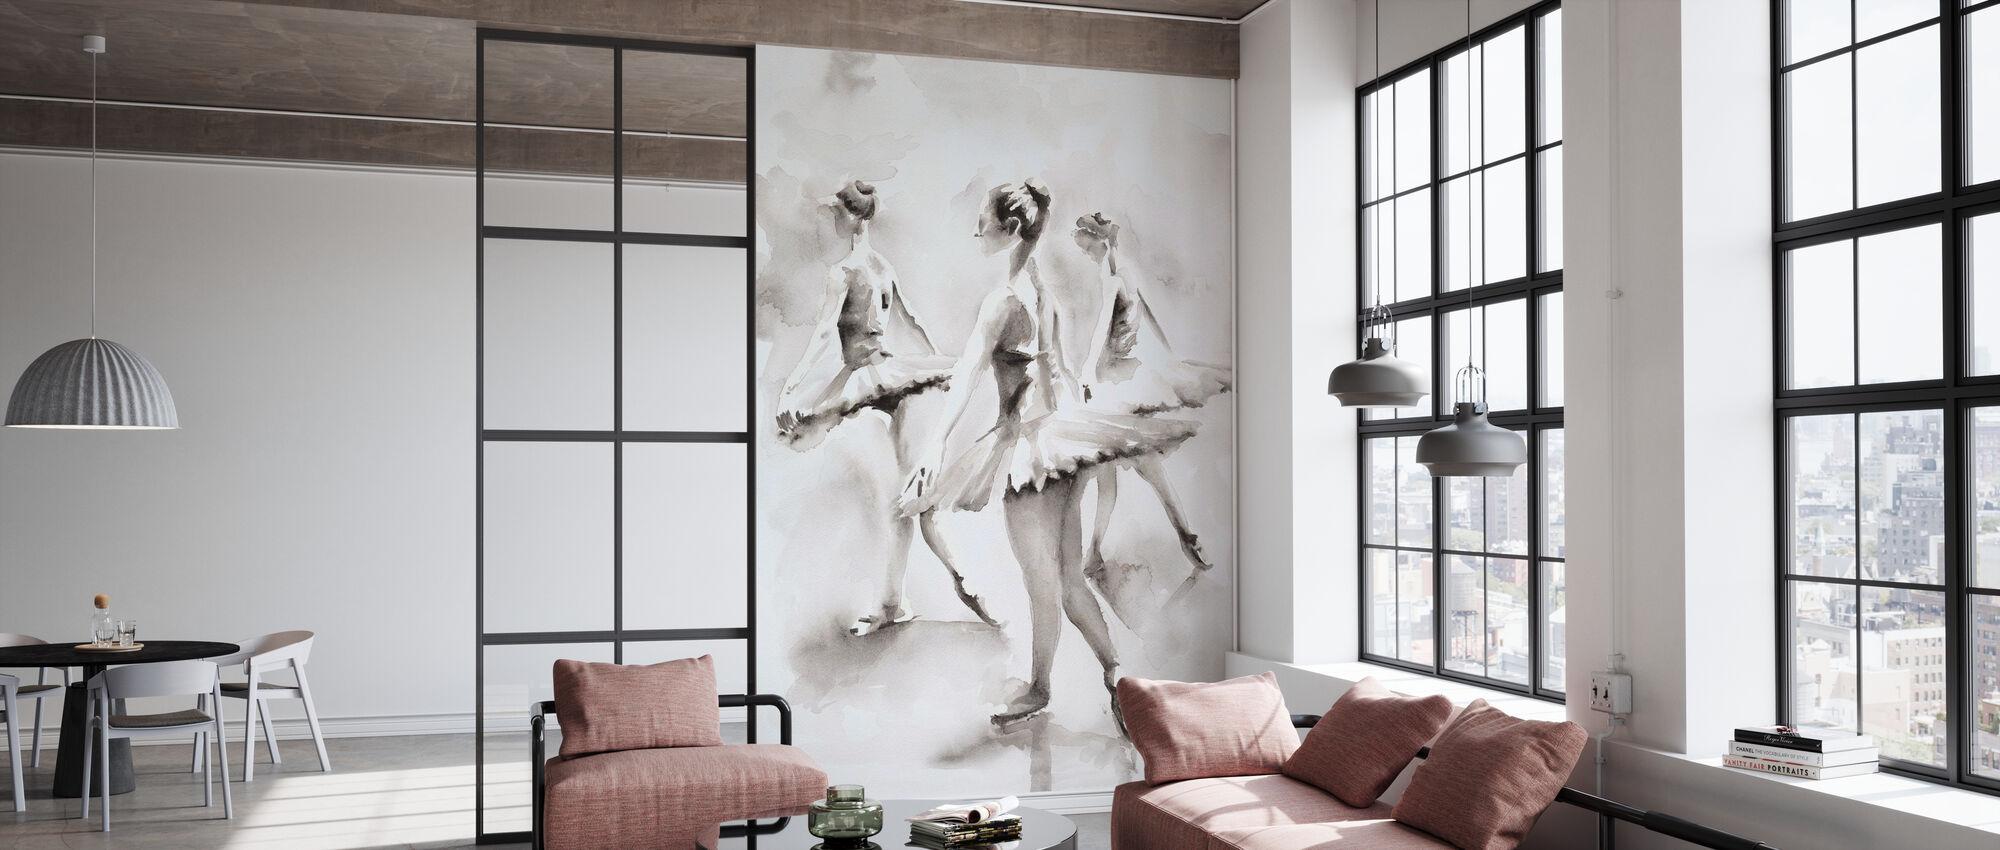 Three Ballerinas - Wallpaper - Office